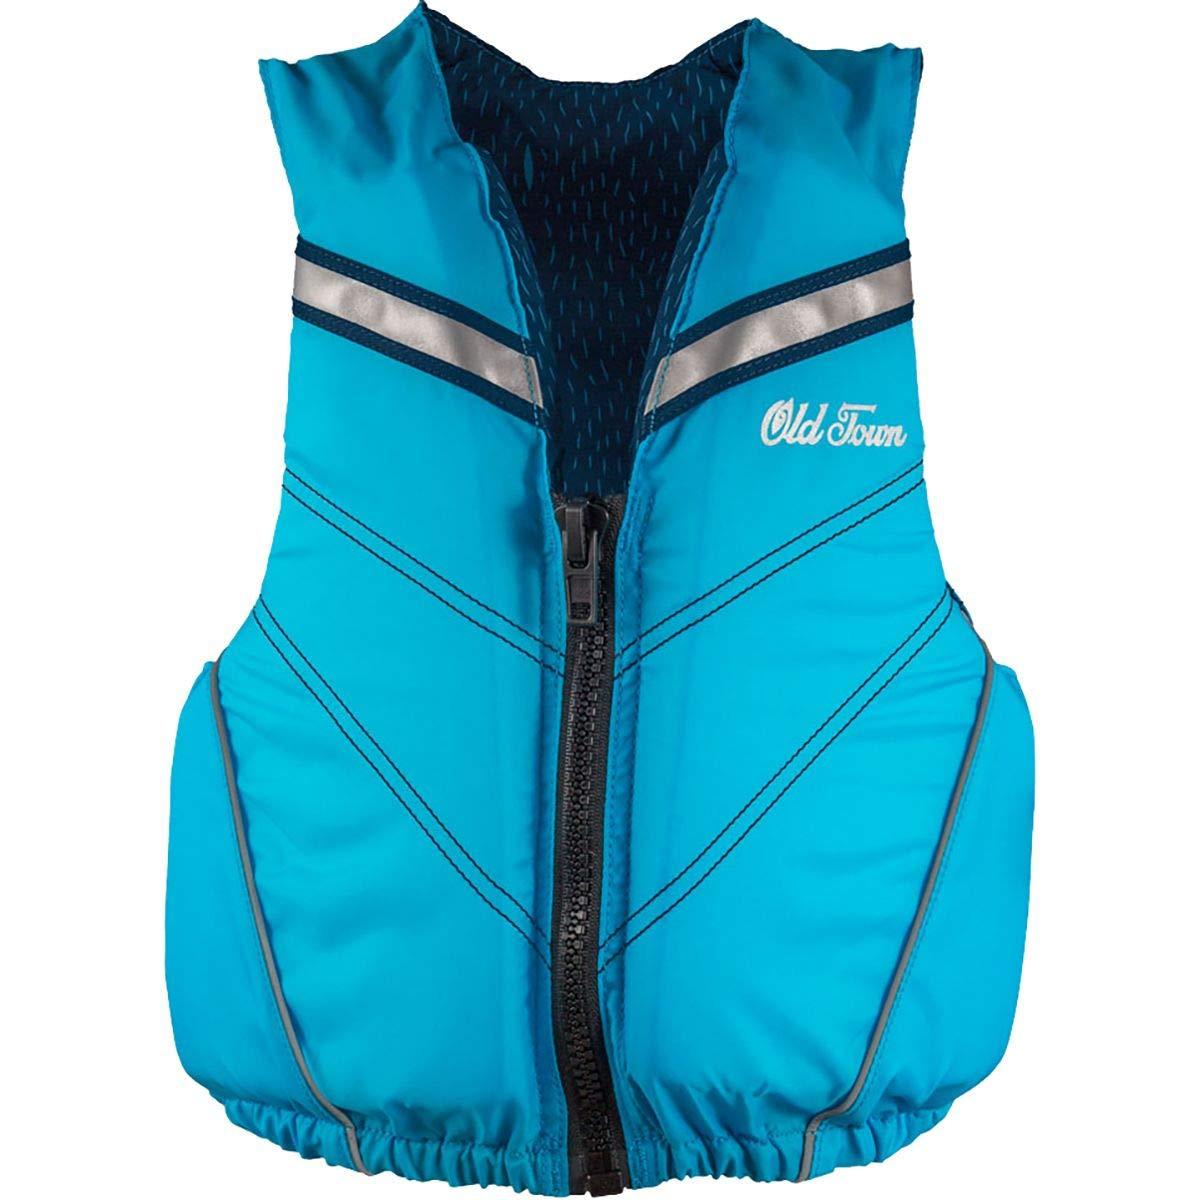 Old Town Volks Jr. Kids' Life Jacket (Blue)